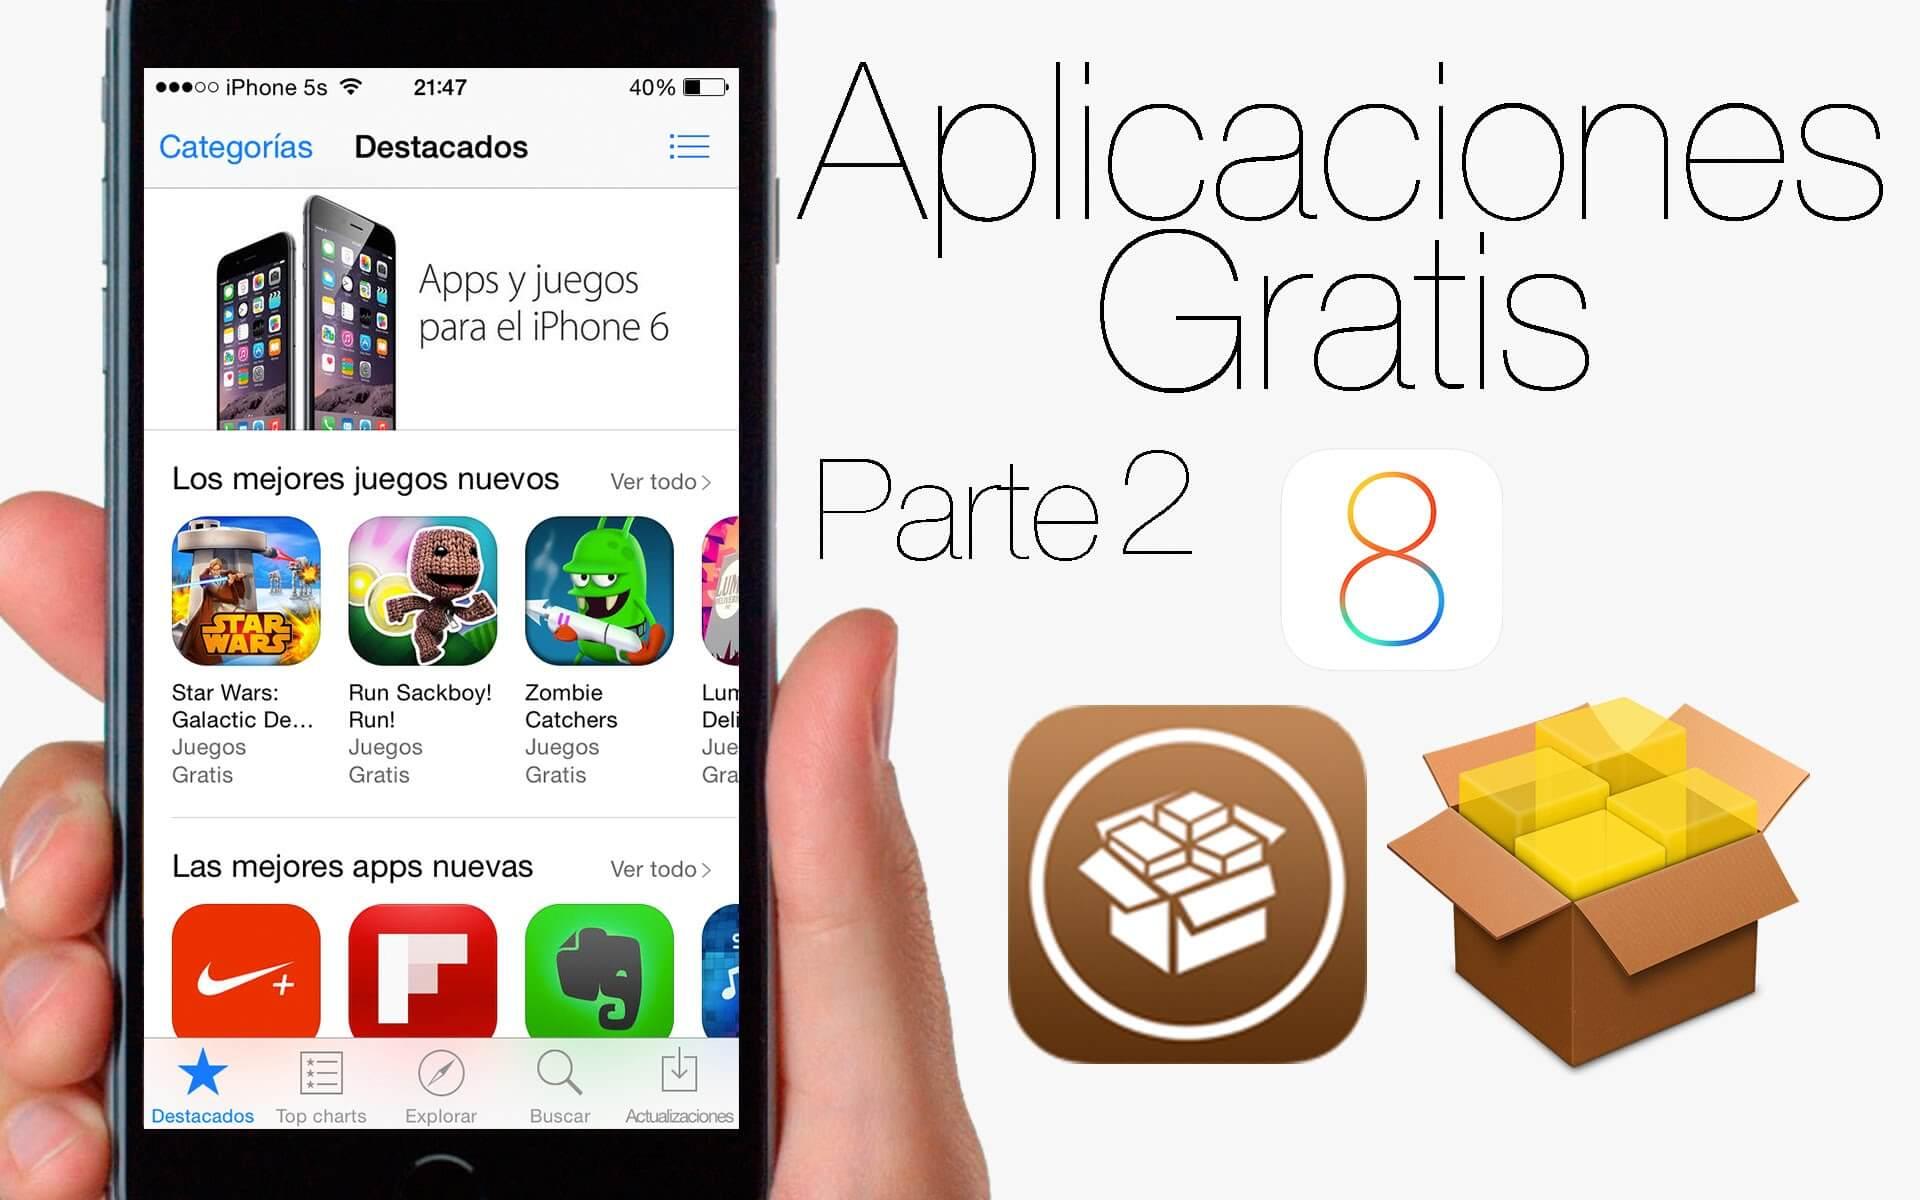 LinkStore | Aplicaciones gratis en iOS 8 y iOS 7